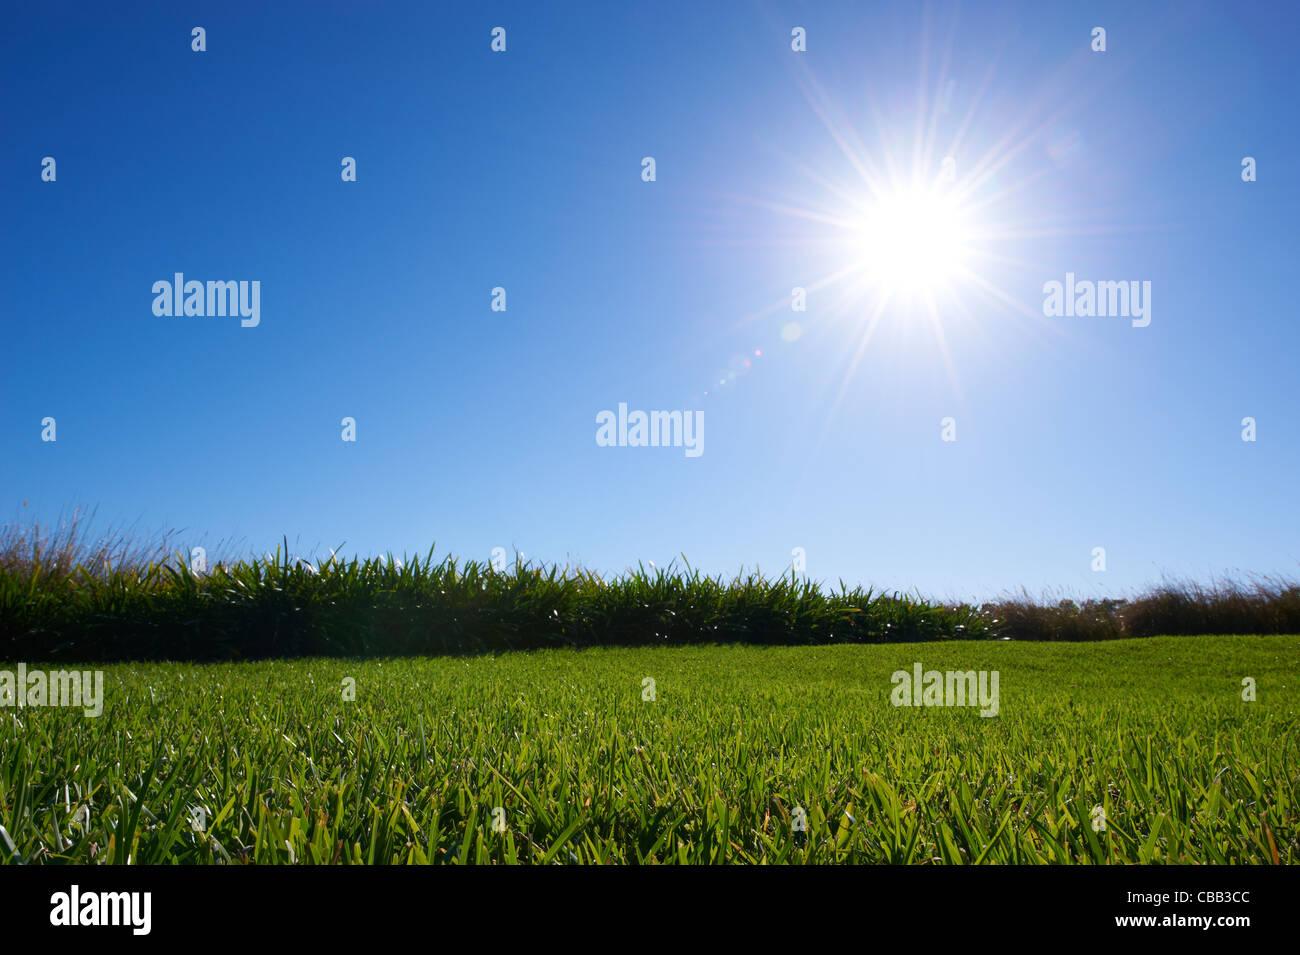 Erba verdeggiante sunny blue sky Immagini Stock